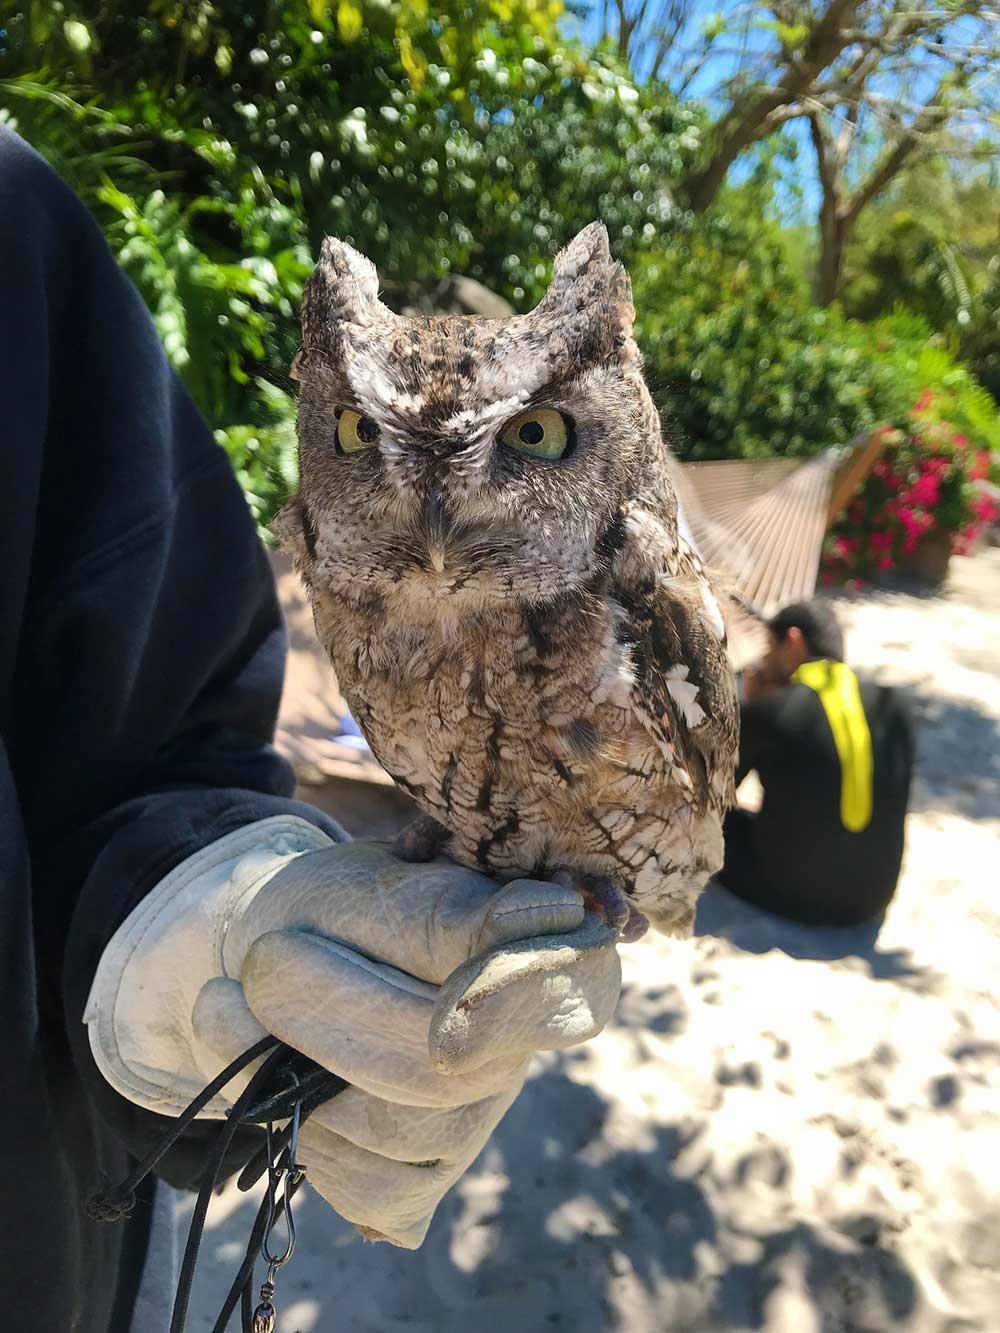 Discovery Cove Orlando - Owl